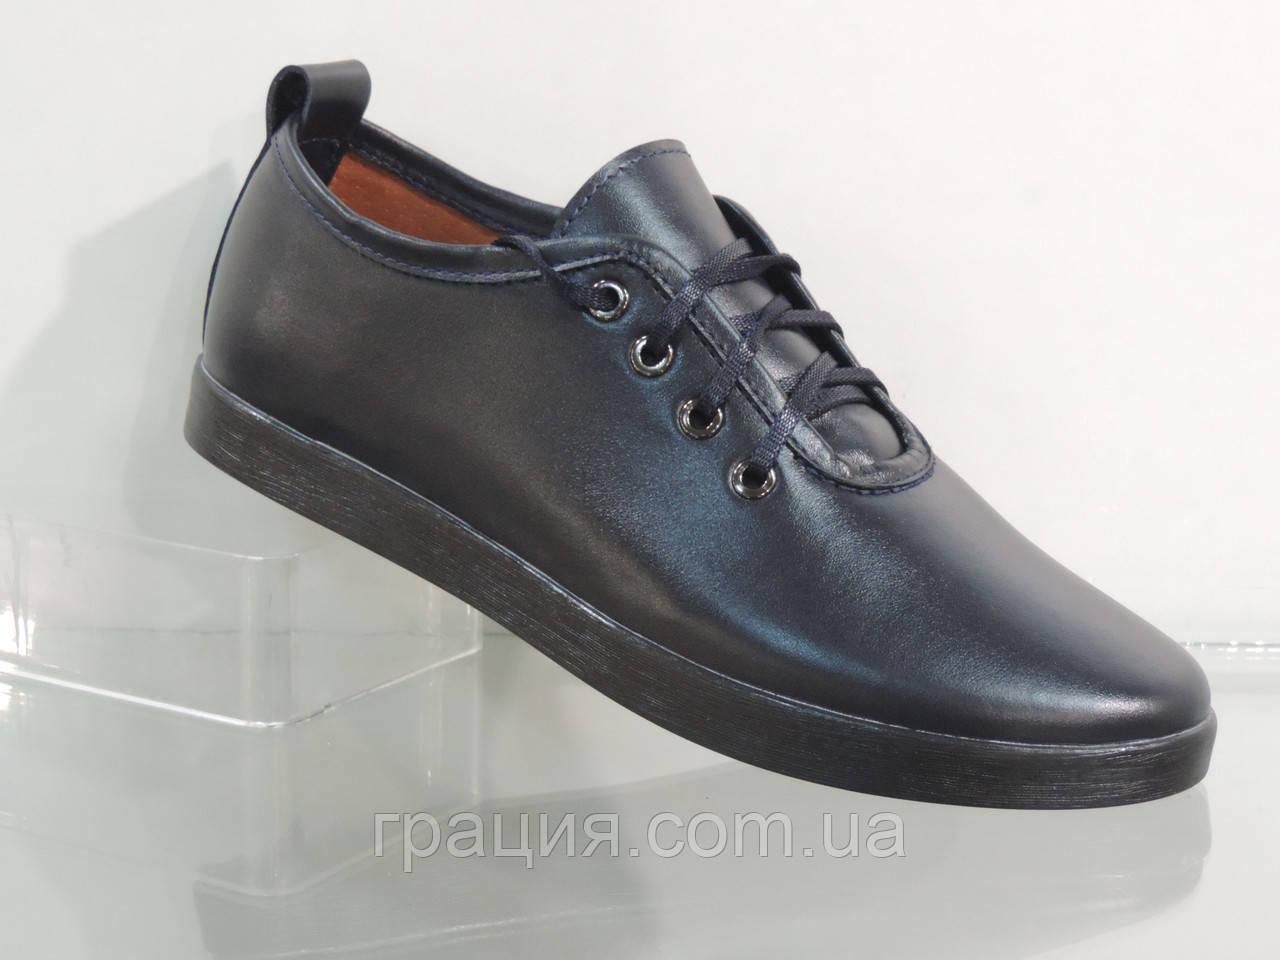 Туфли кожаные женские на шнуровке синие